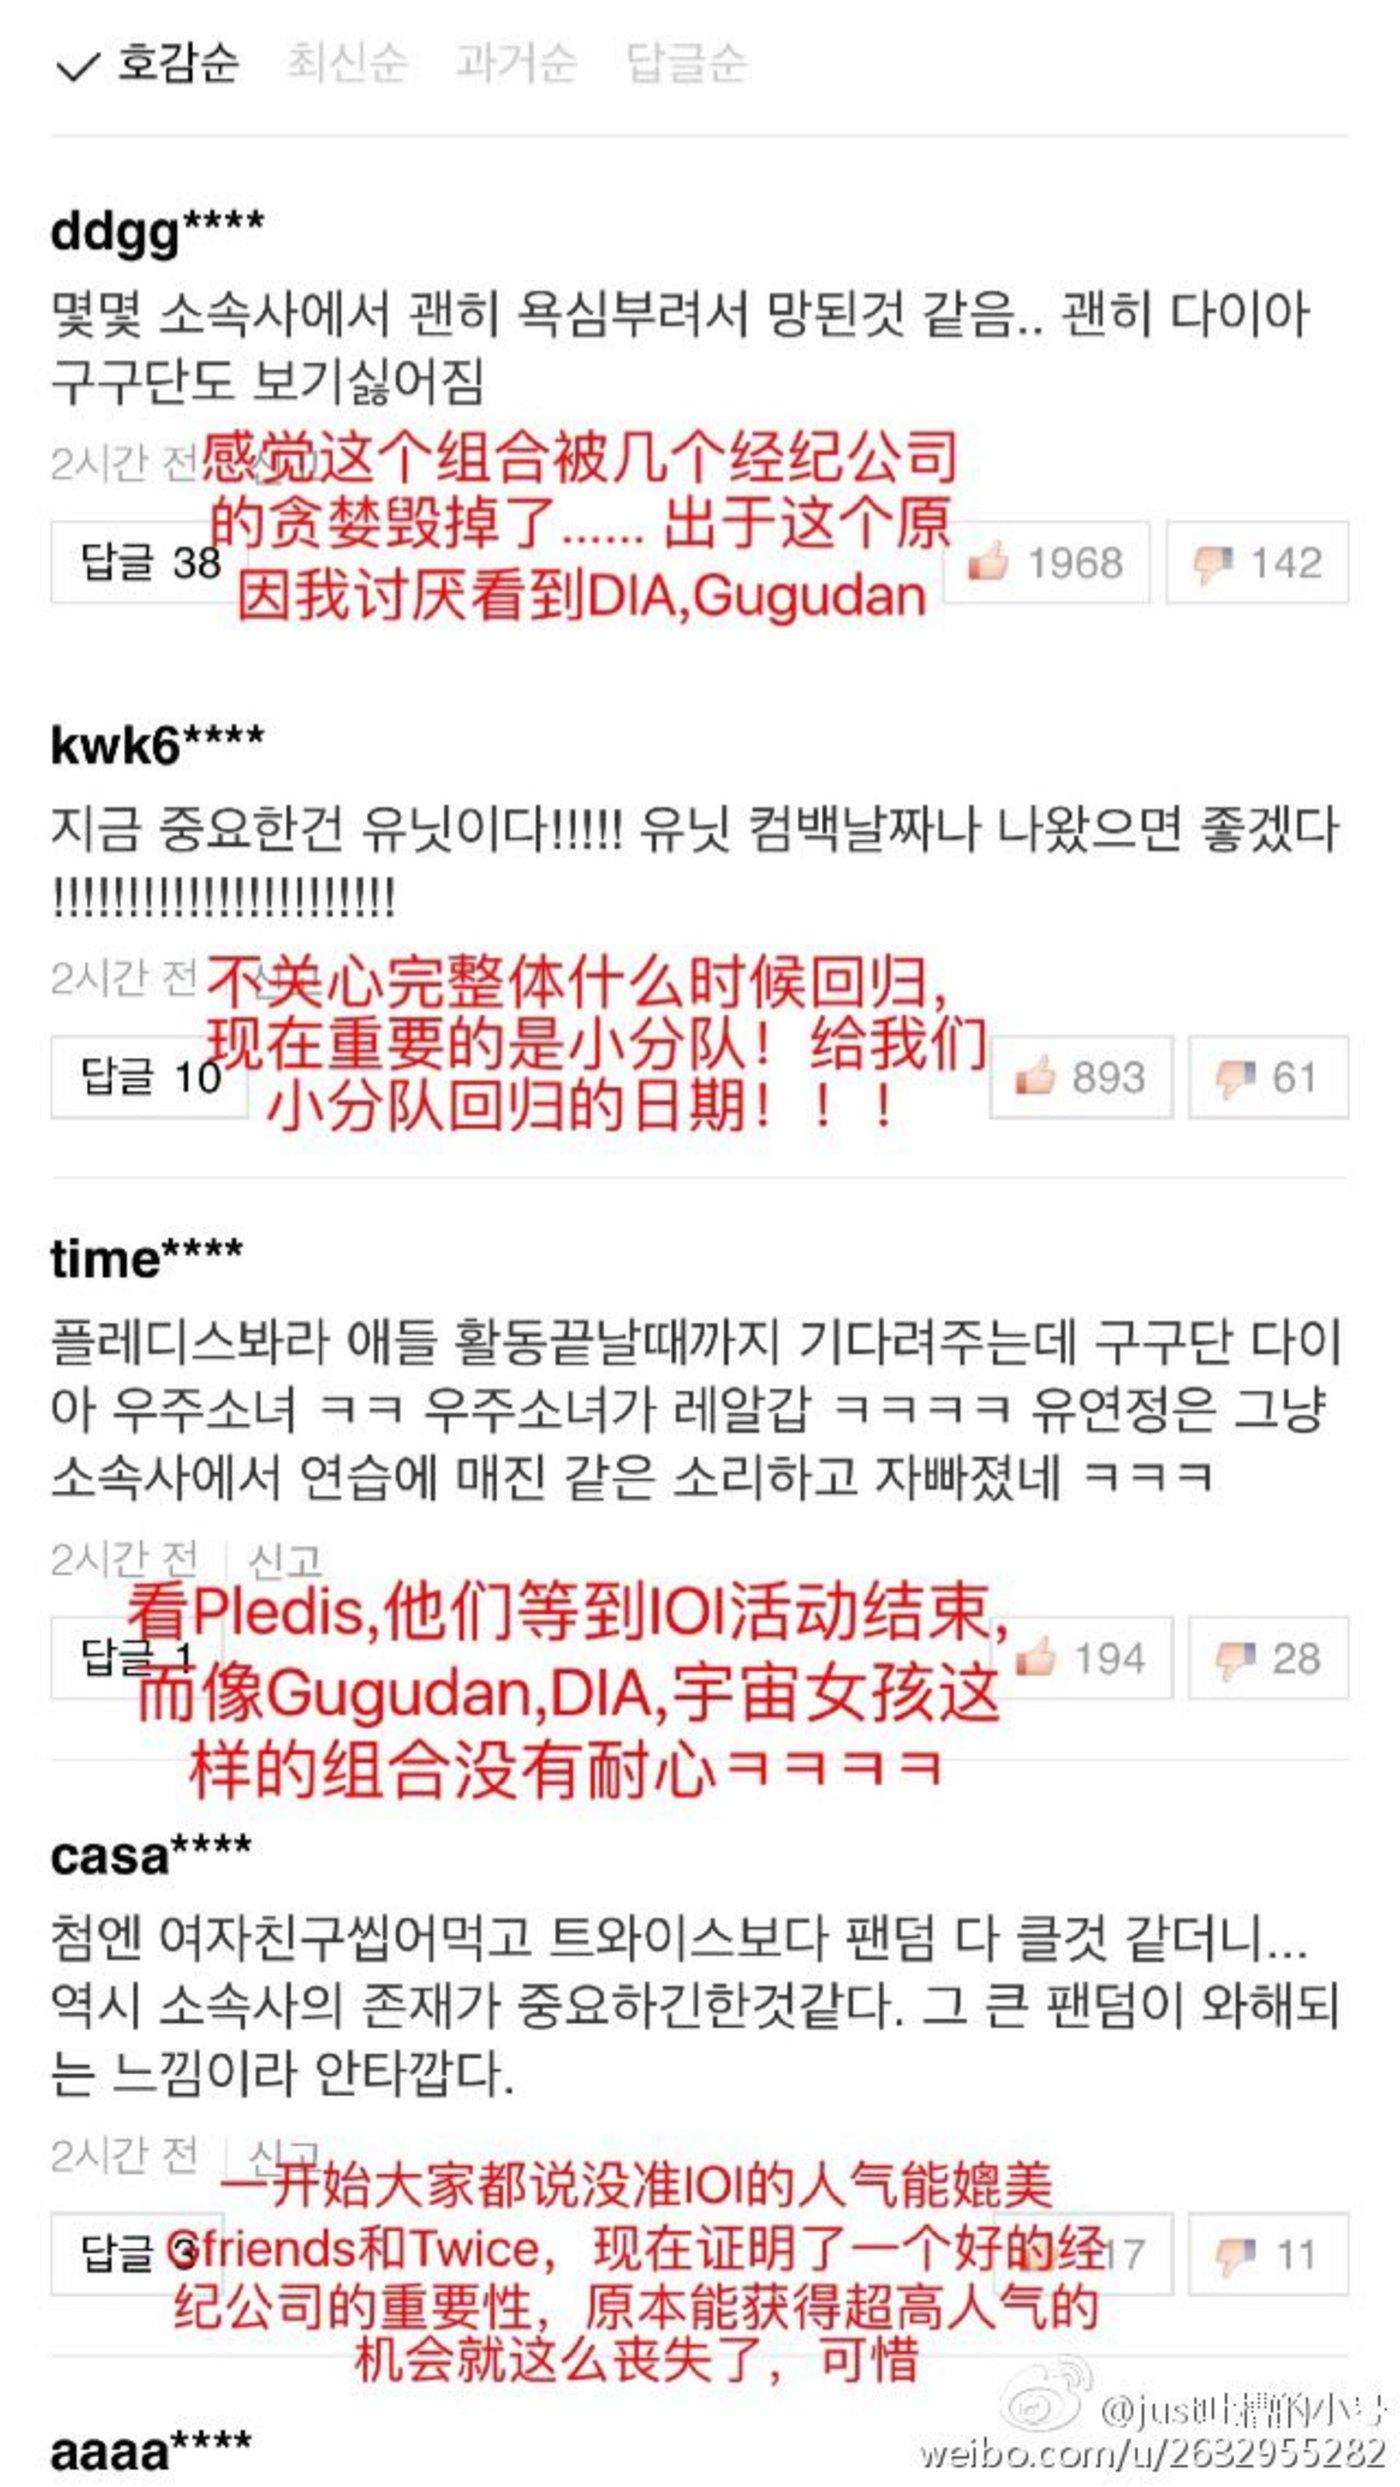 韩国网民对此事件的评论,图源微博